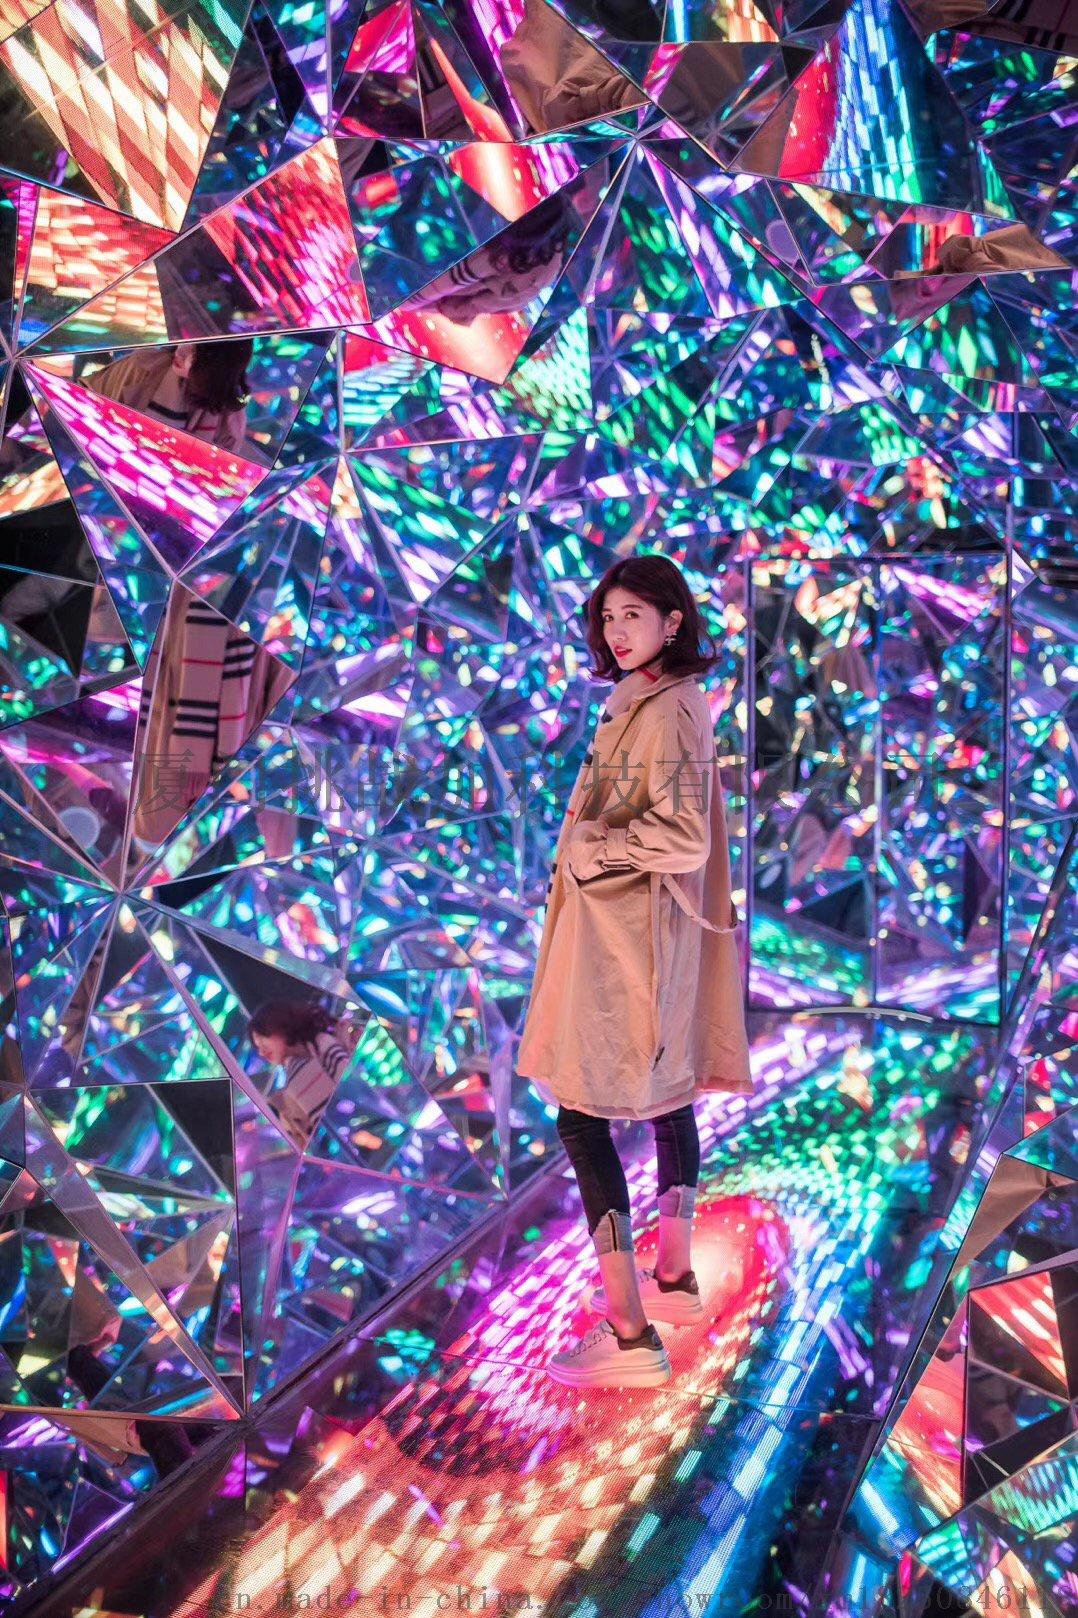 最美光影视觉盛宴钻石隧道,一条通往钻石人生的道路